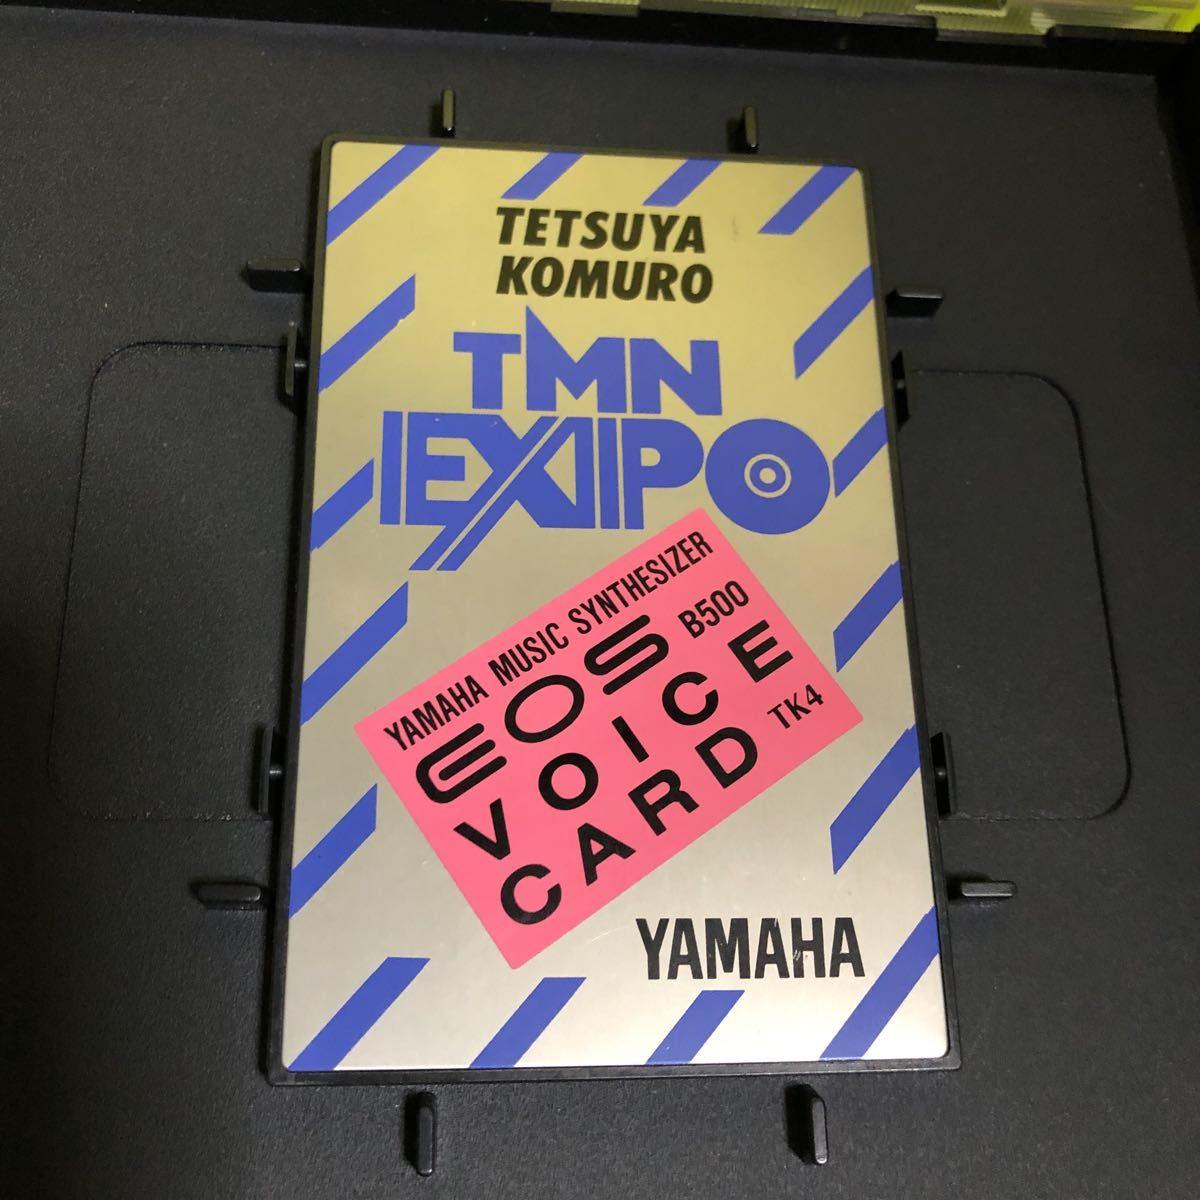 YAMAHA/ヤマハ シンセサイザー EOS B500 VOICE CARD/ボイスカード TK4 小室哲哉 EXPO TMN 浅倉大介 未チェックのジャンク扱い_画像2